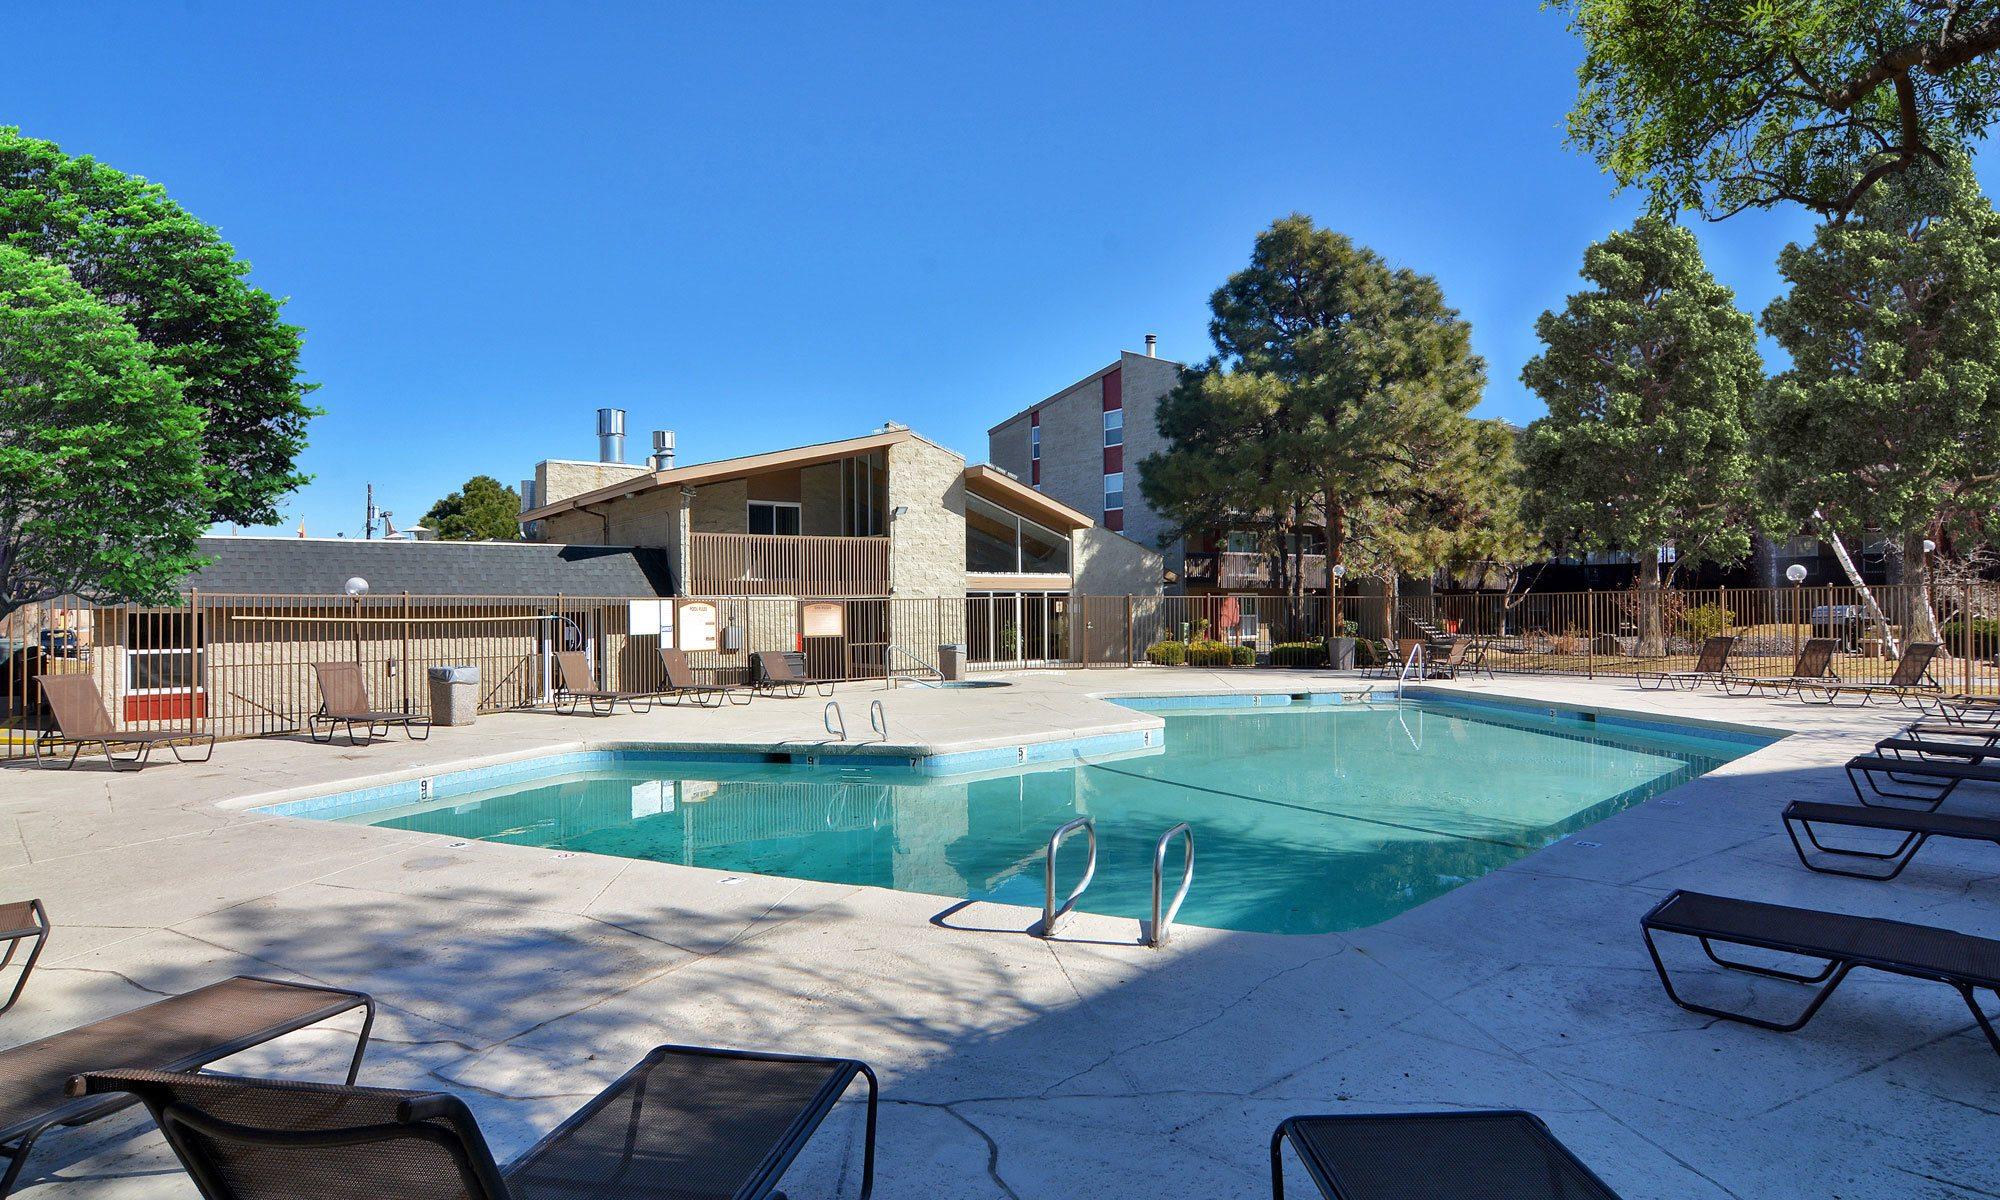 Apartments in Albuquerque